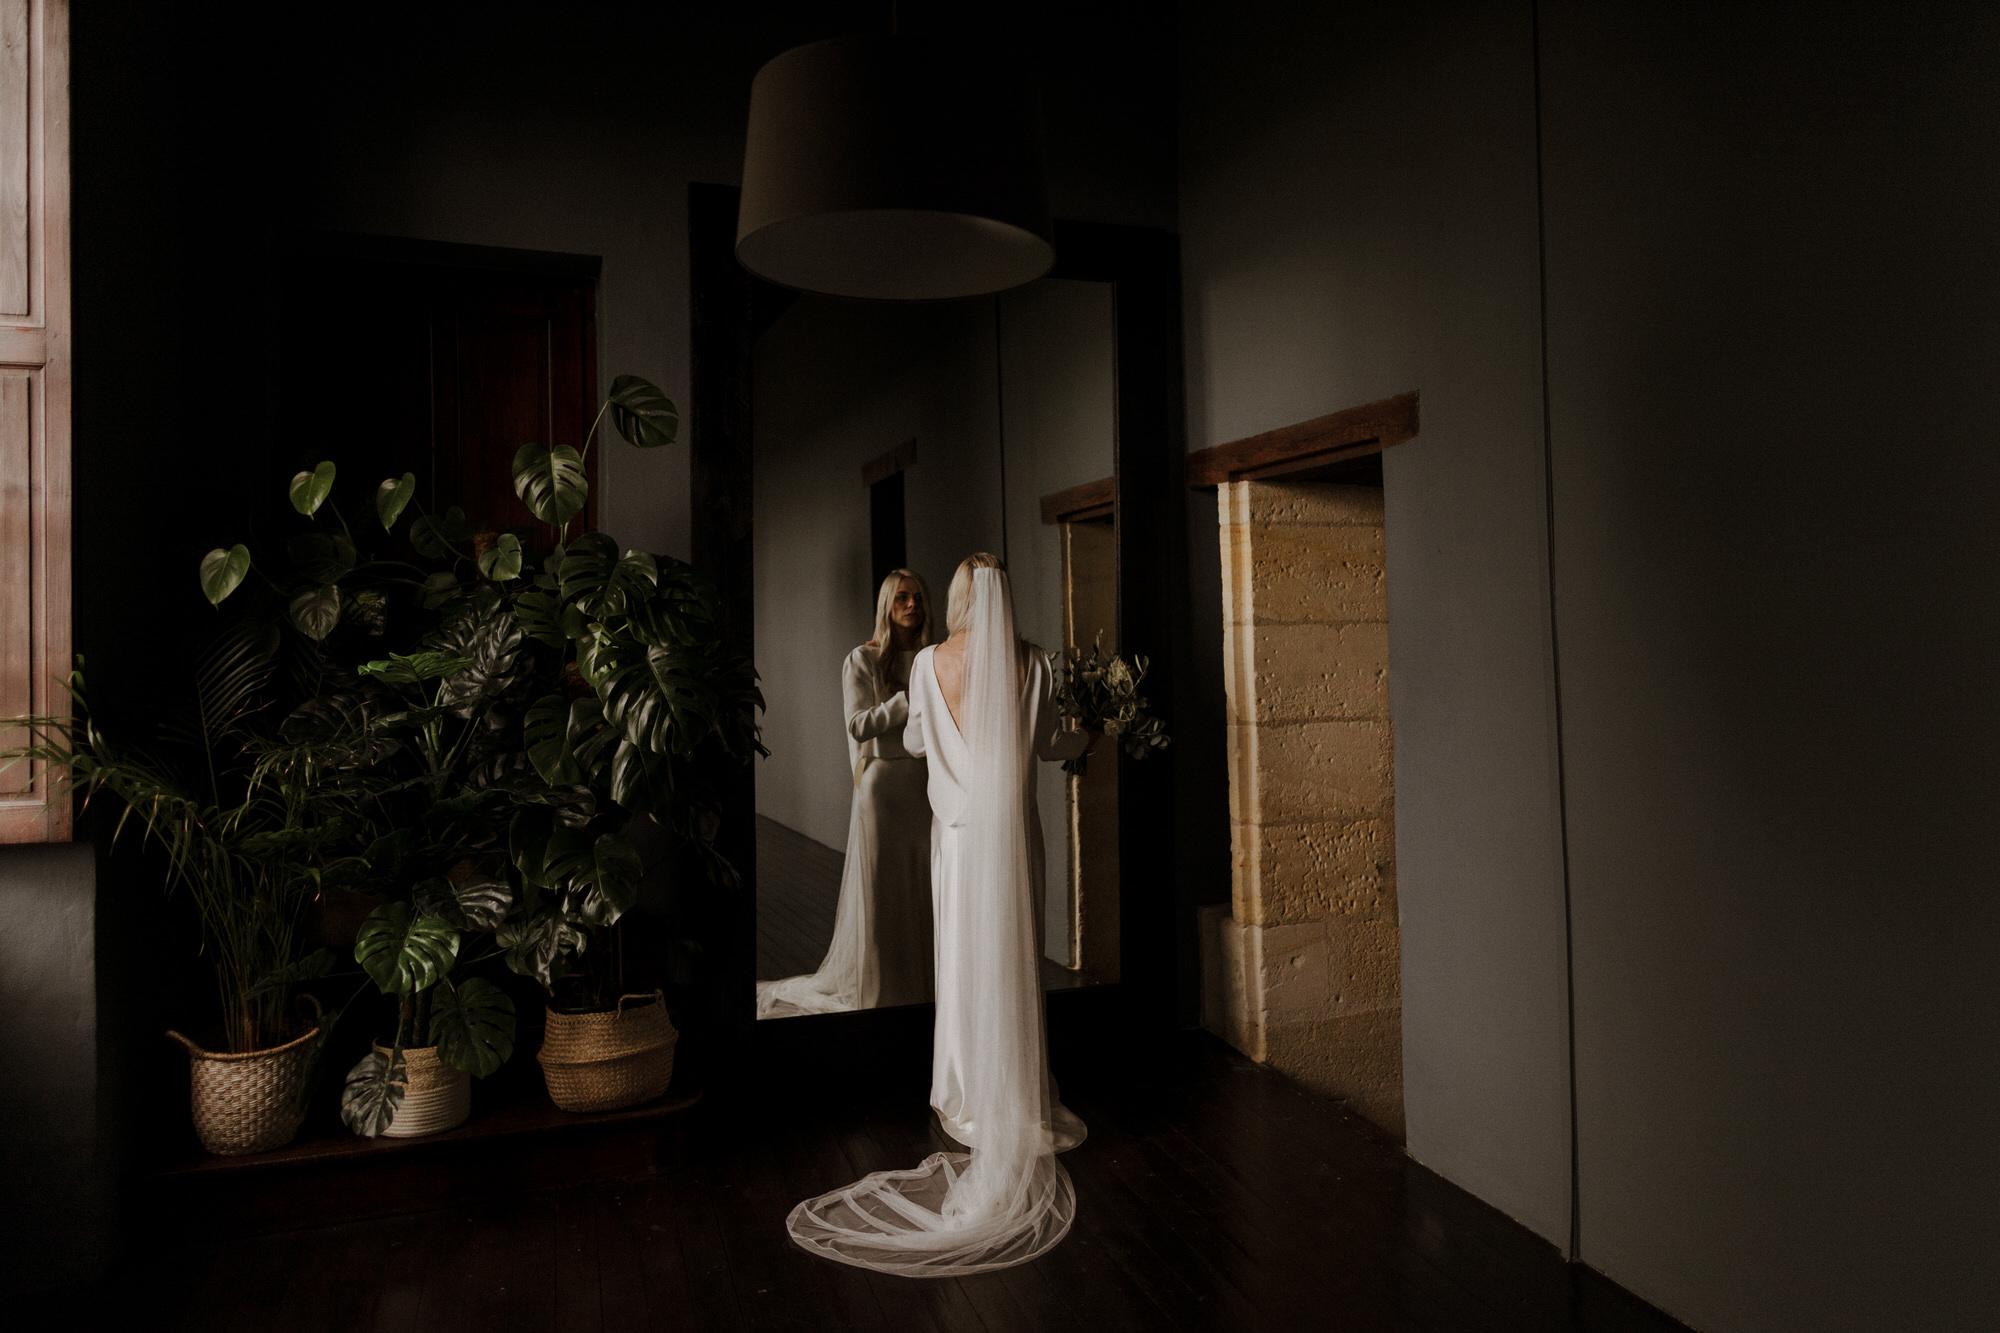 Chateau Rigaud Wedding Photography 14-32-14-1Q5A1373-R+L.jpg